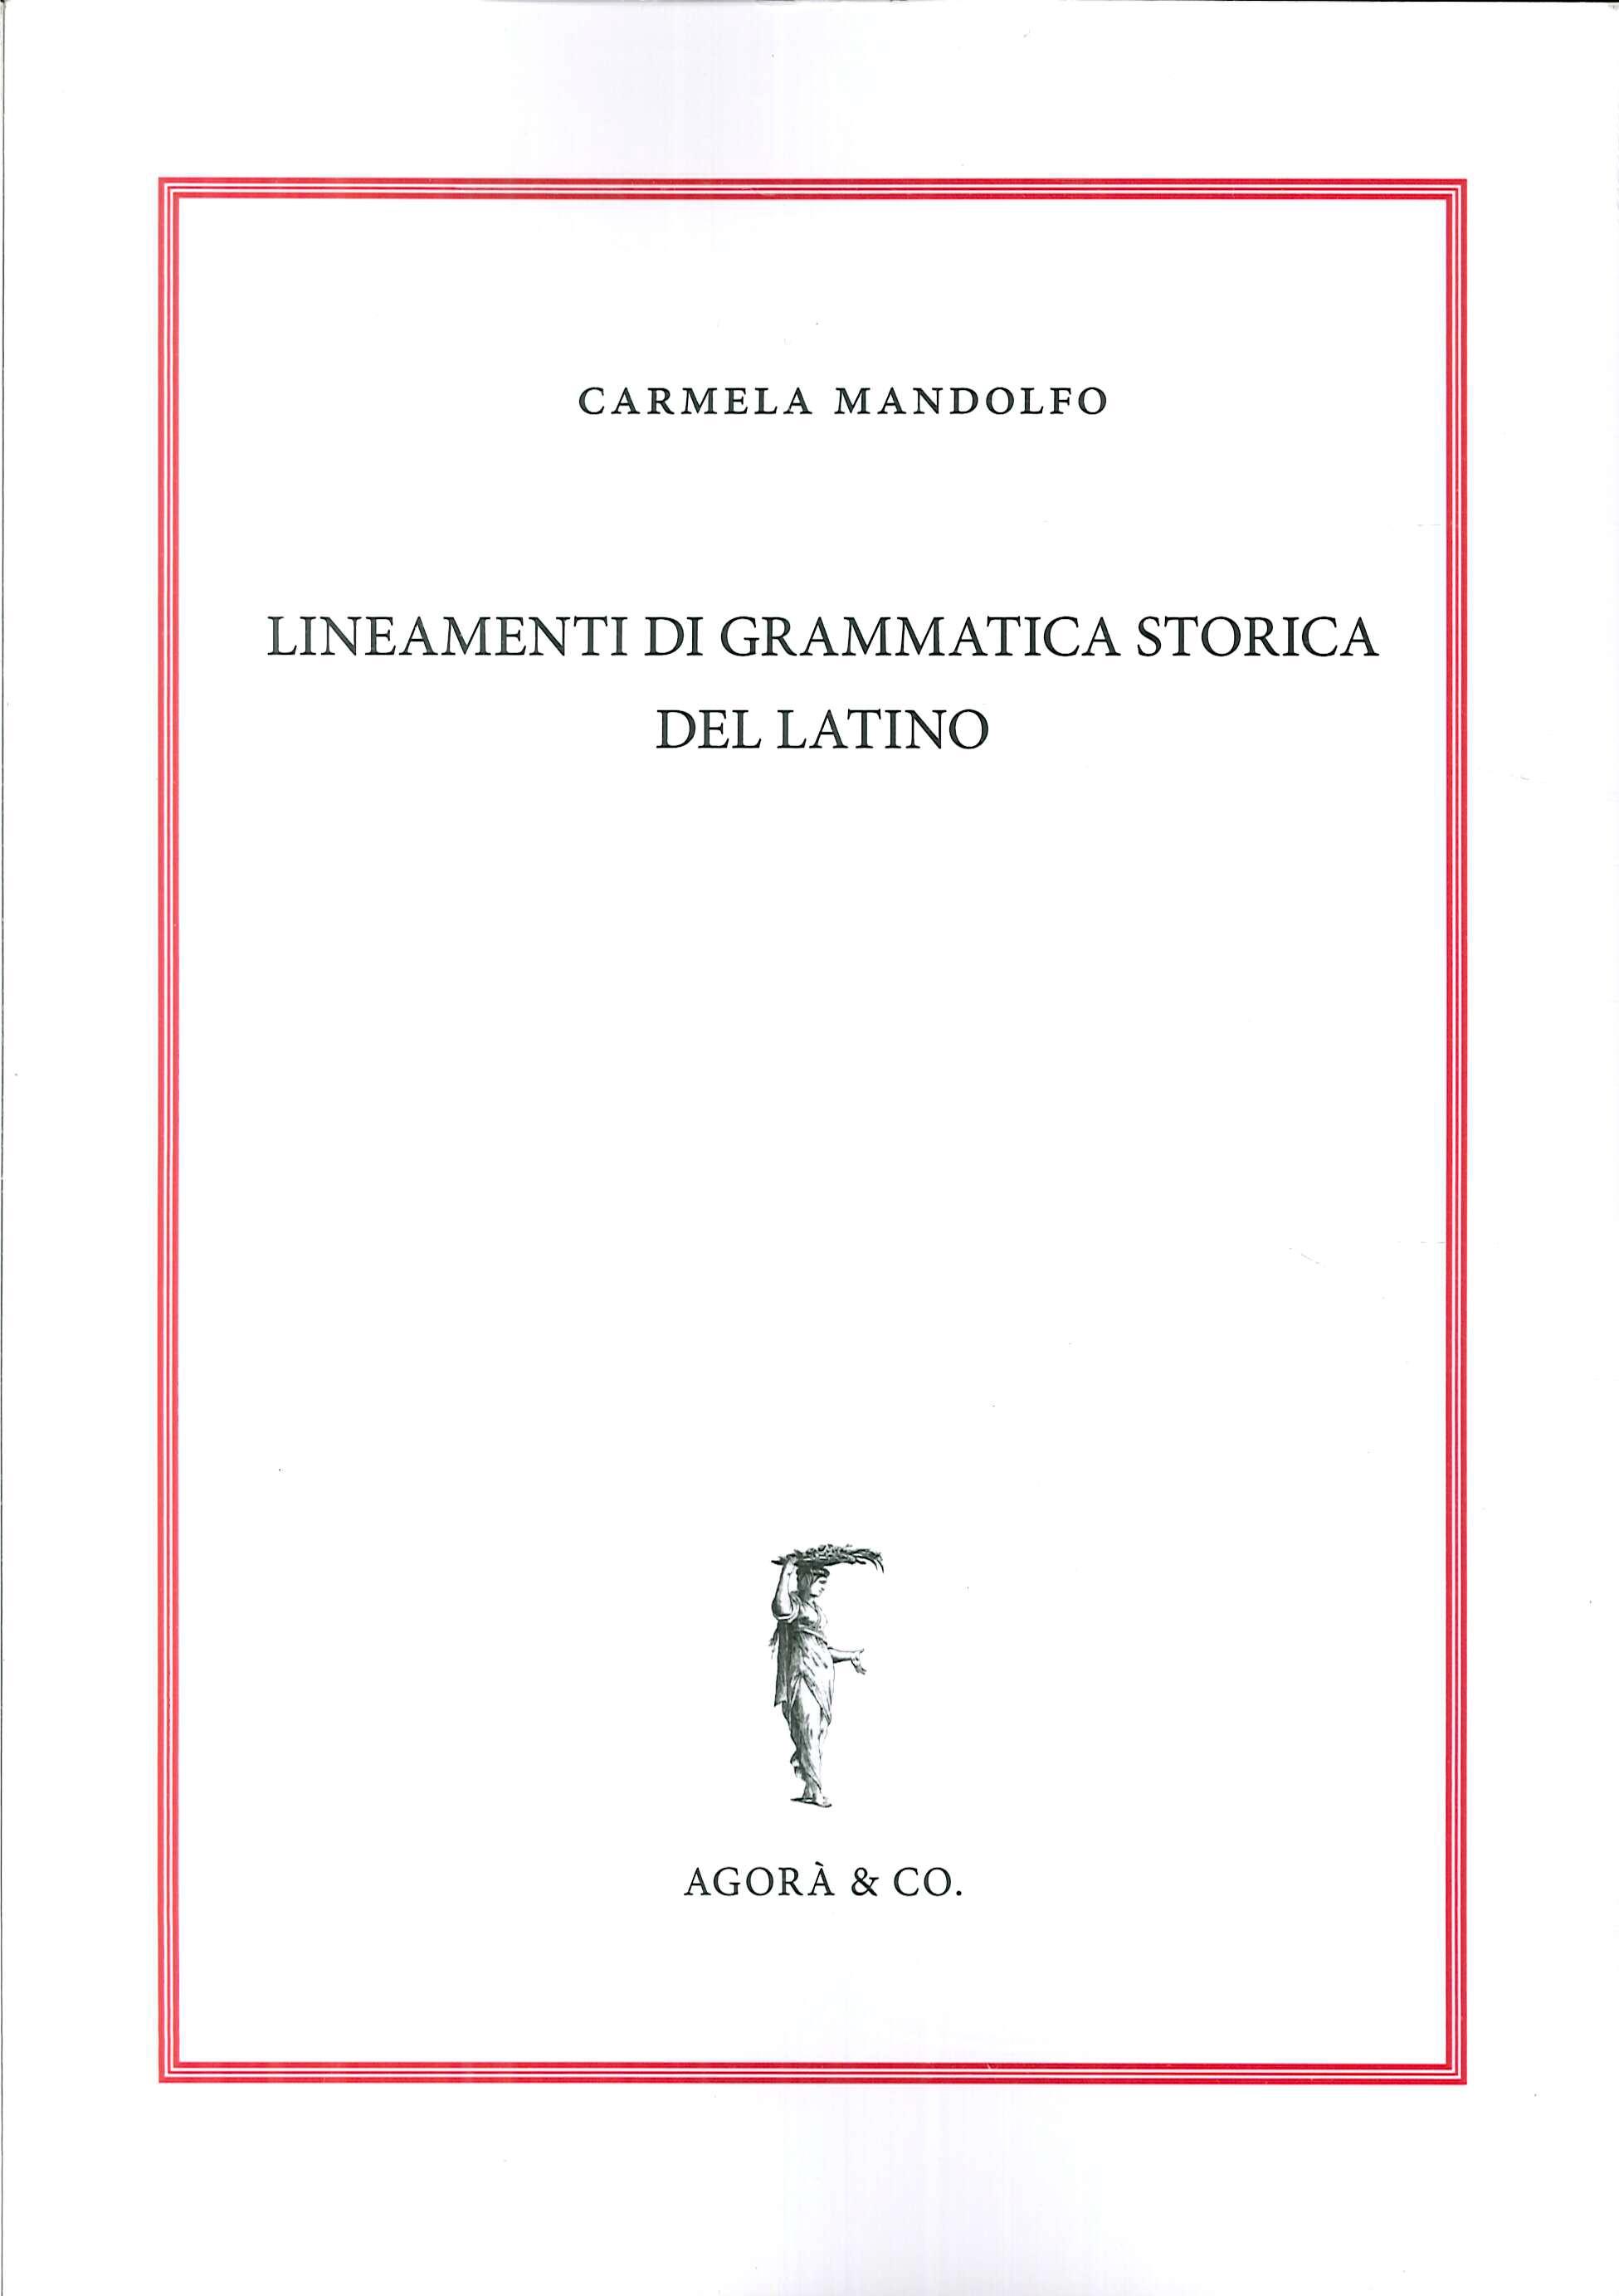 Lineamenti di Grammatica Storica del Latino